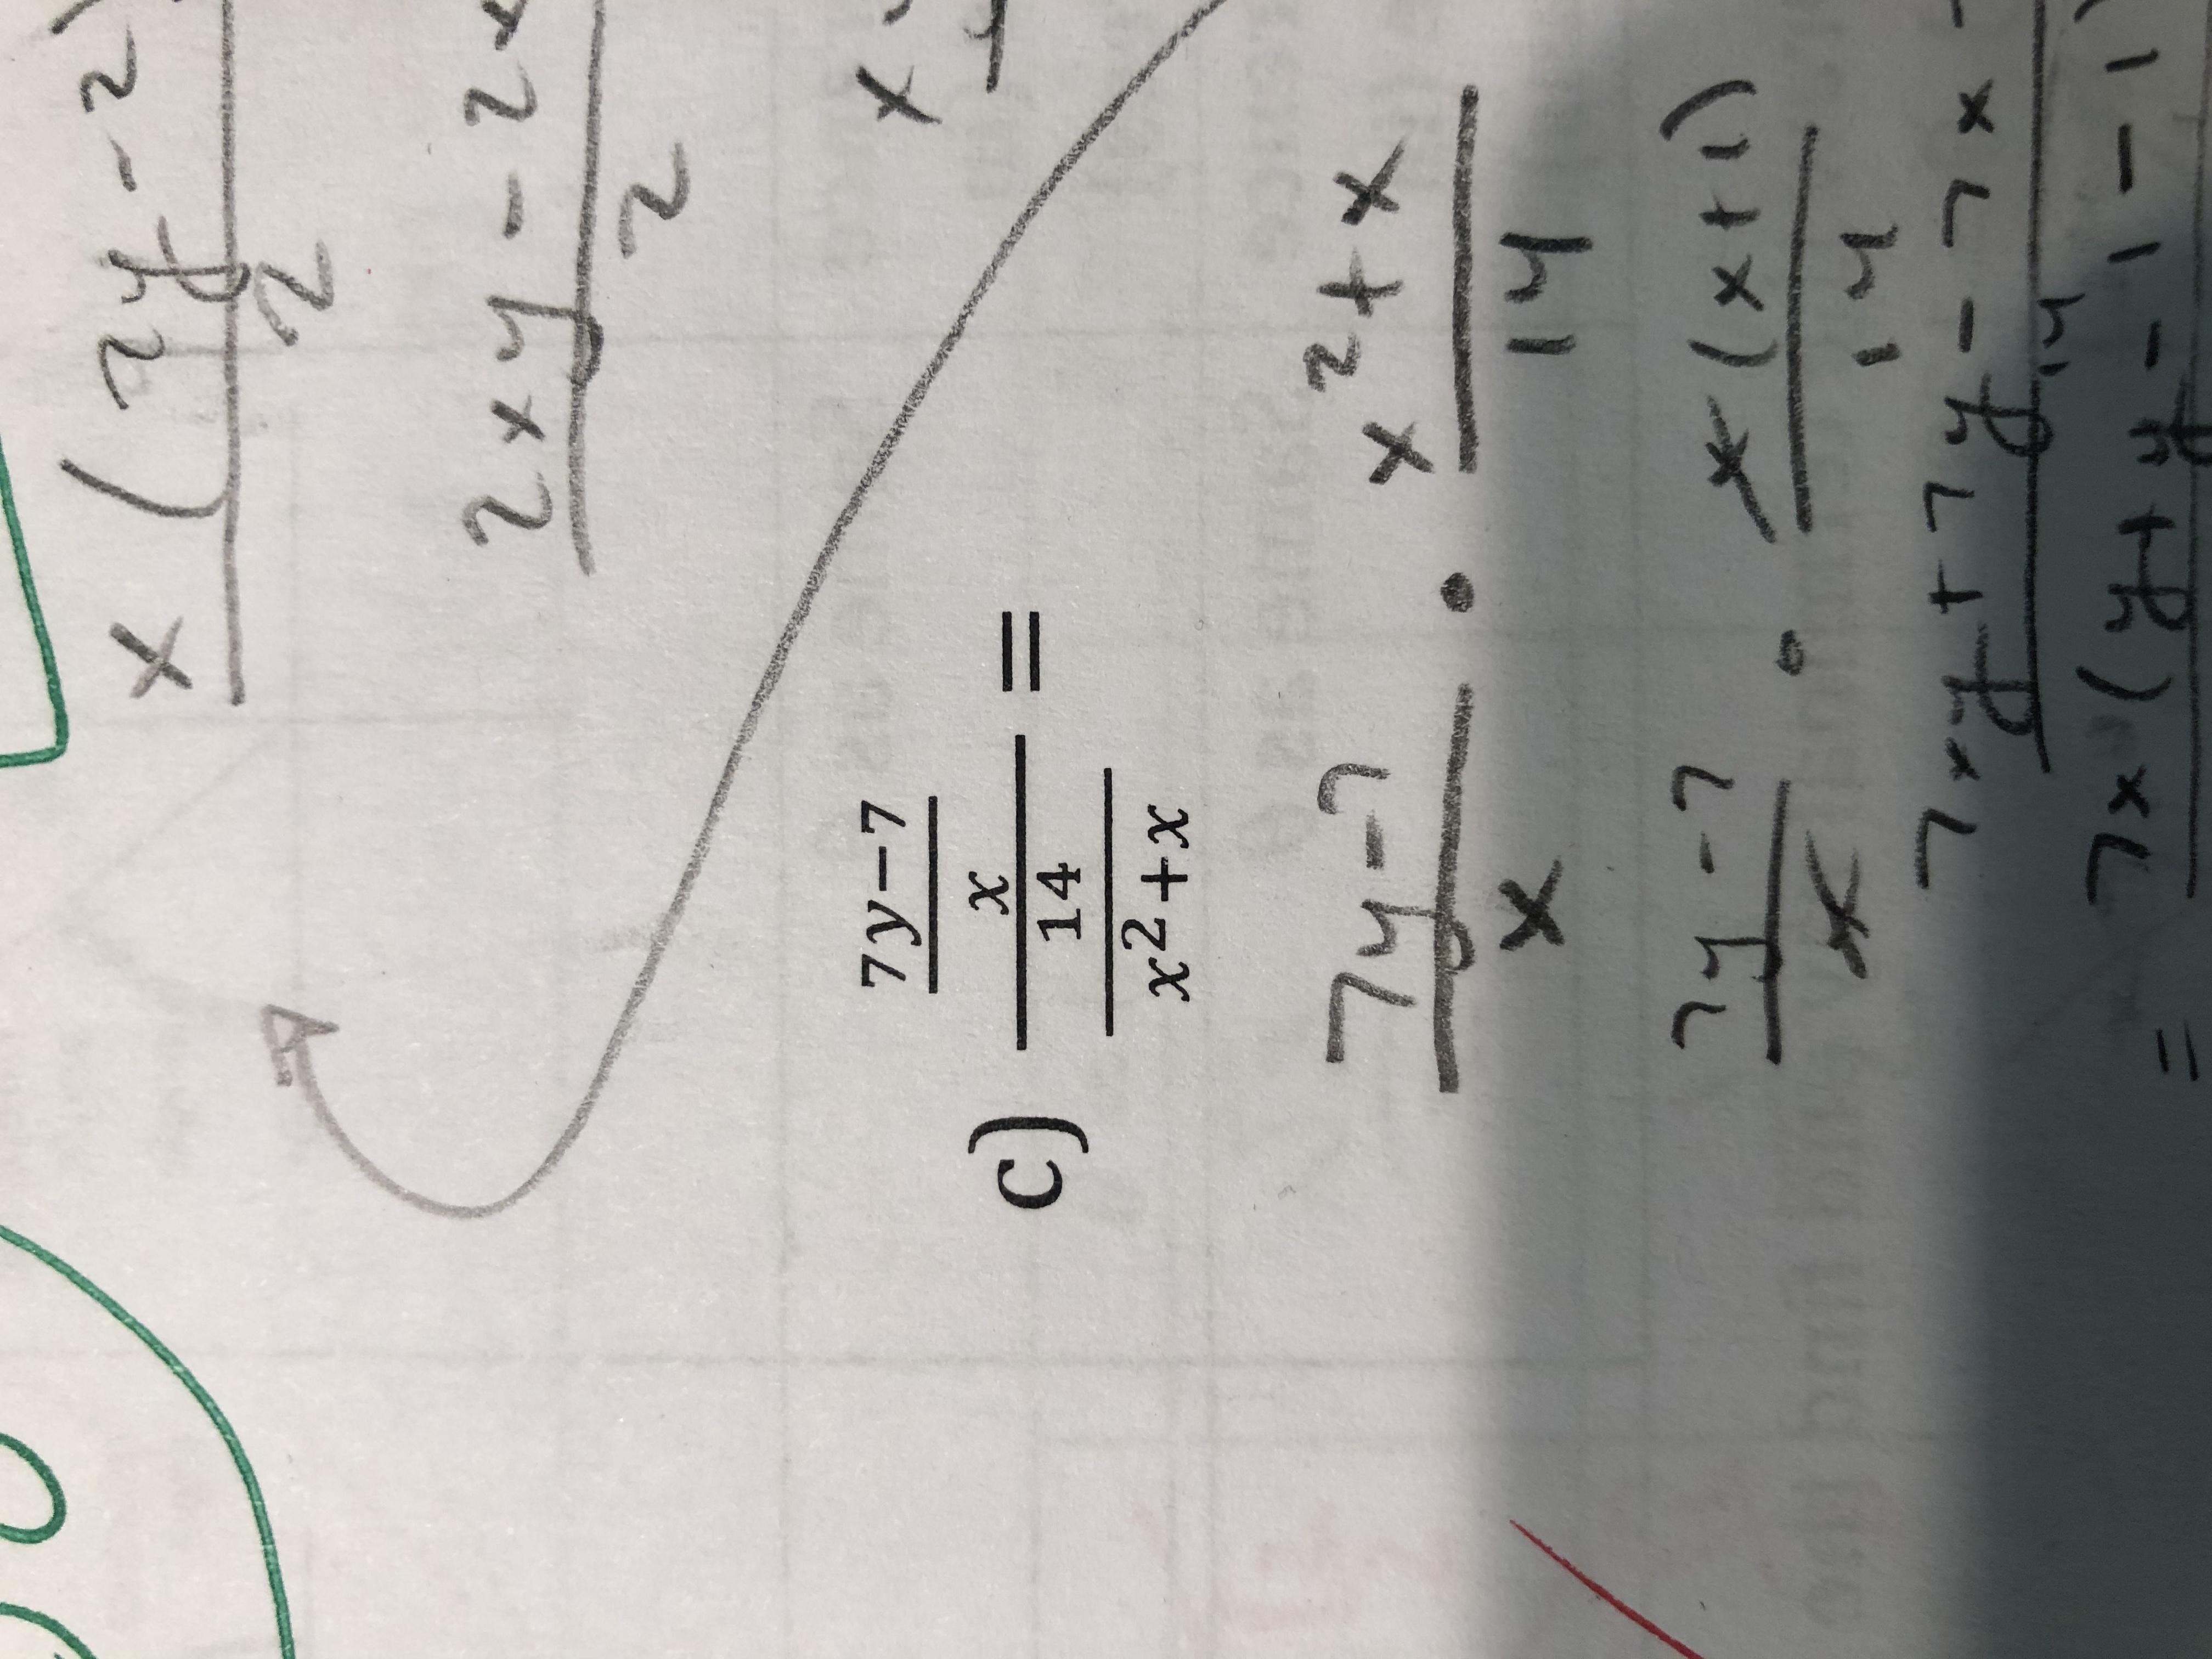 2xy-24 7y-7 c) %3D 14 x2+x 26 74- 7 14 27-7 *(xti) 7x(84-1-